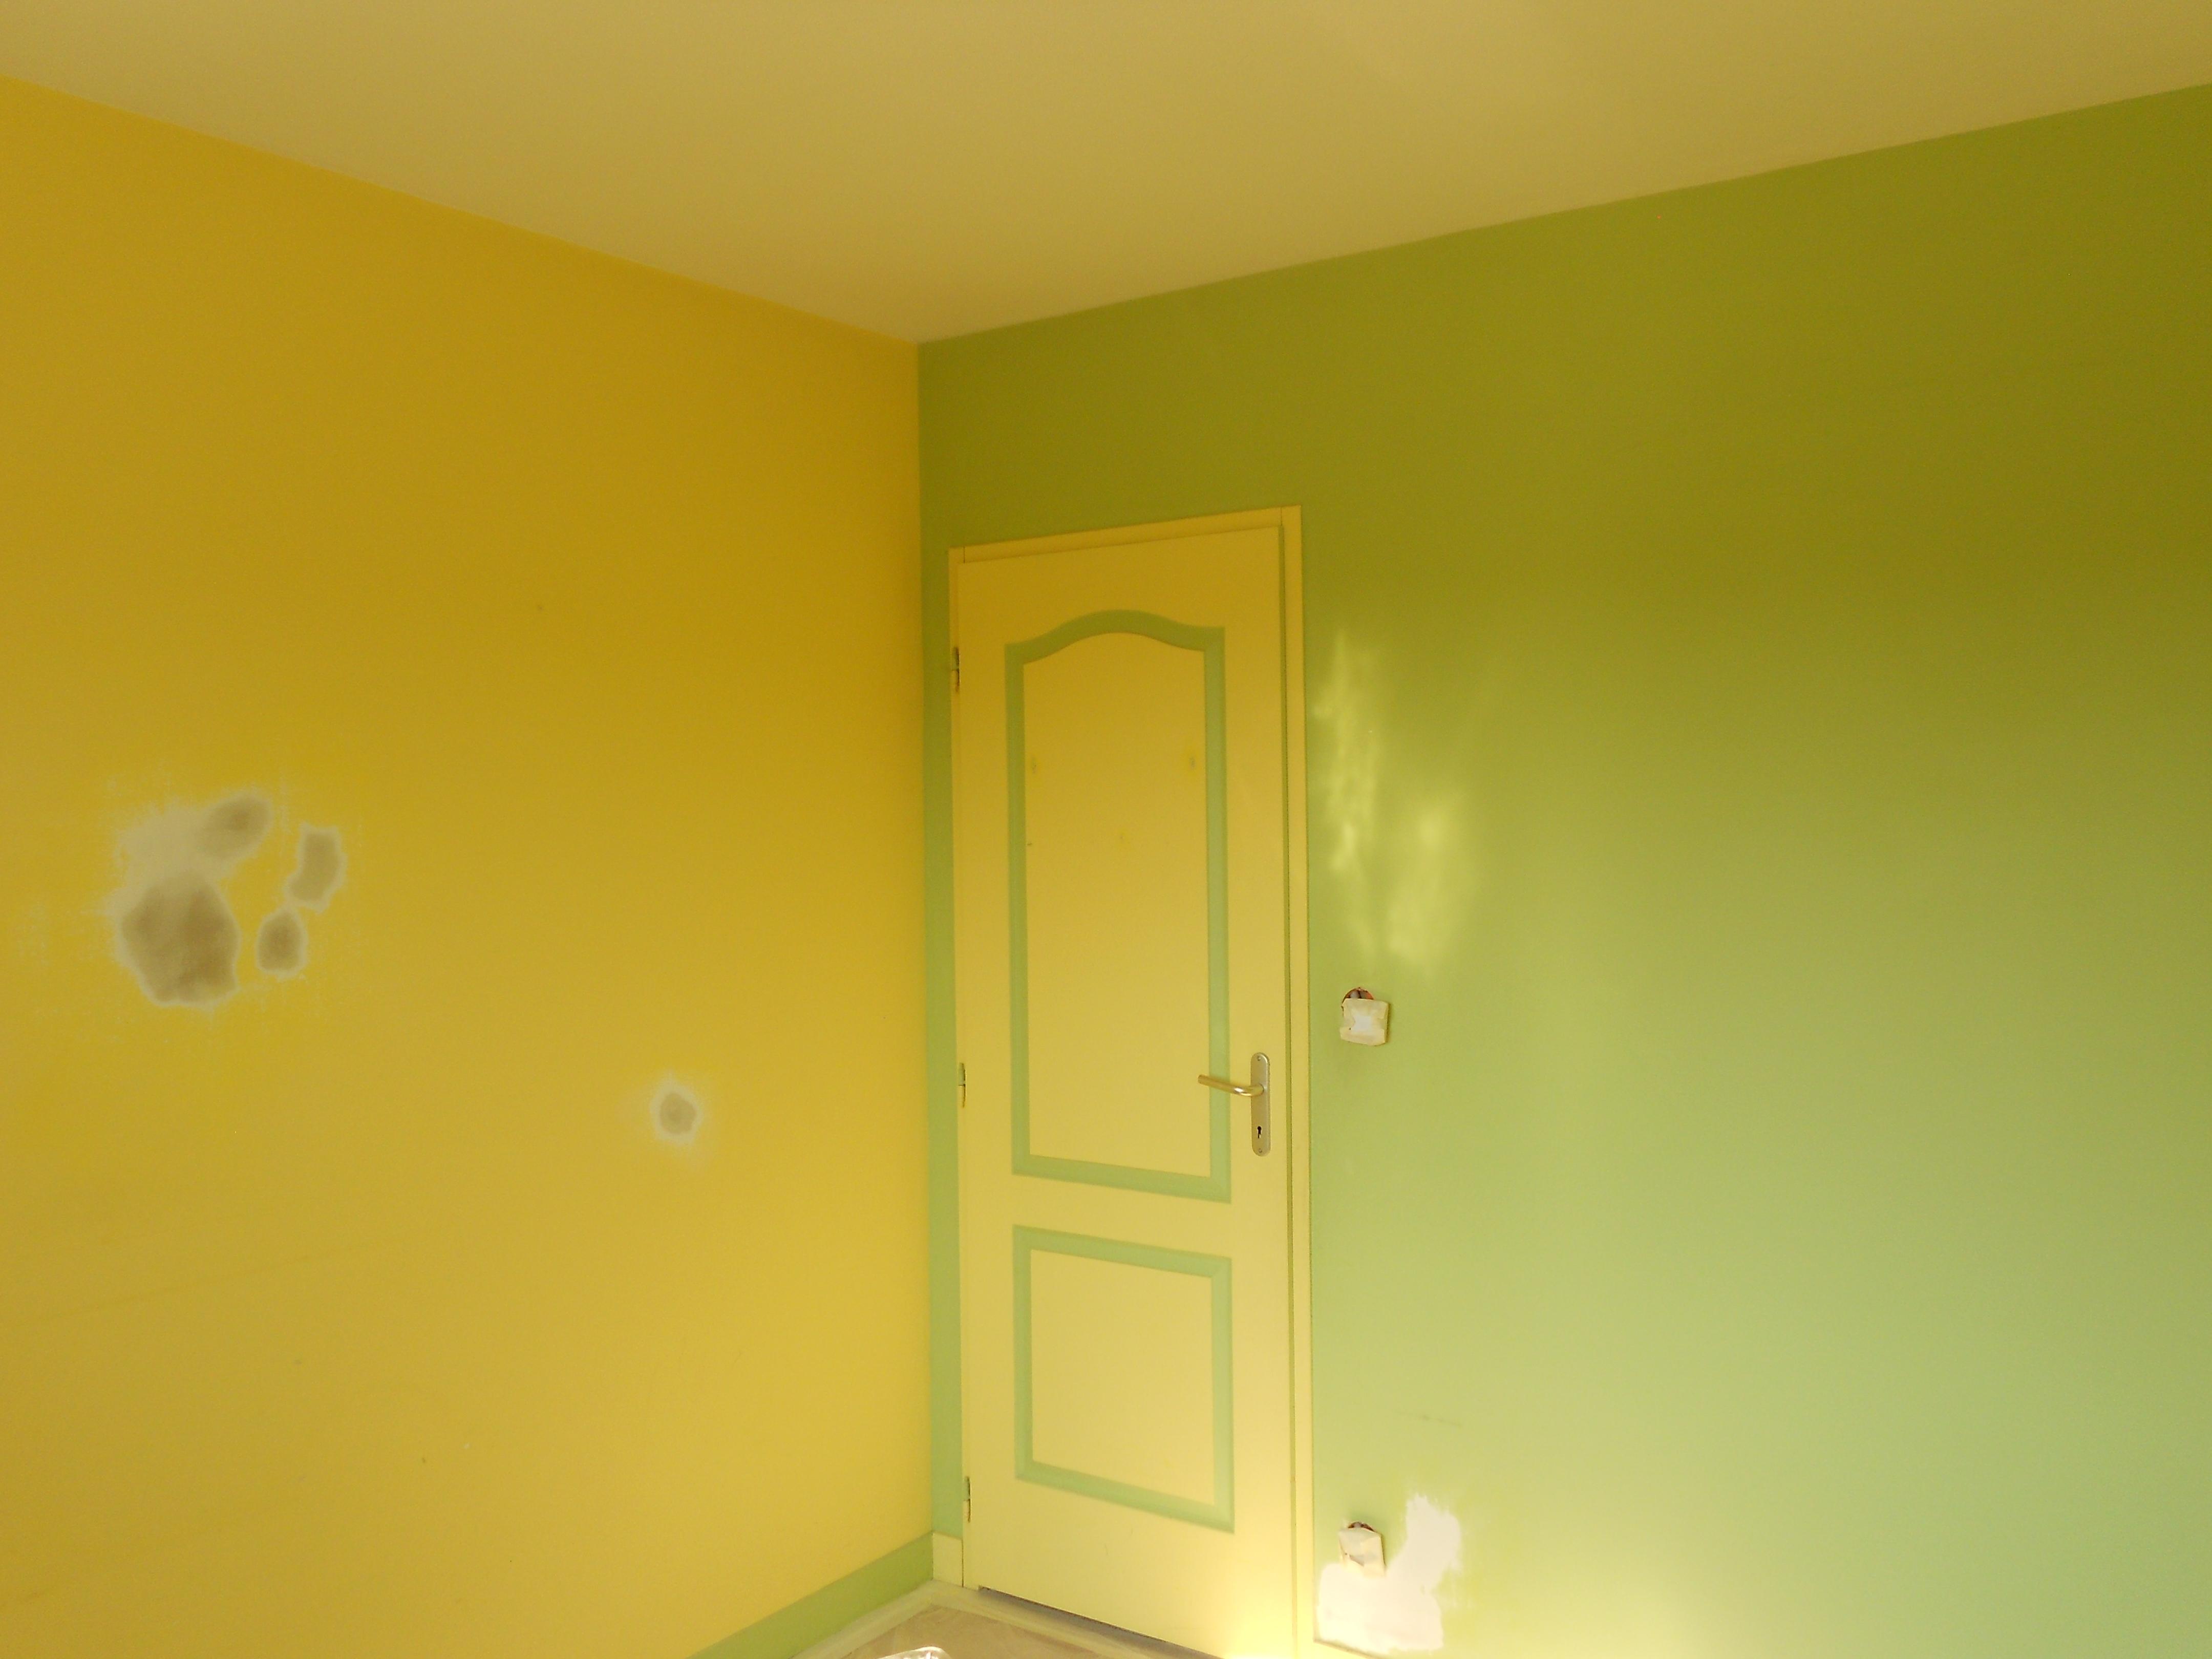 Stunning Deco Chambre Vert Et Jaune Images - Matkin.info - matkin.info